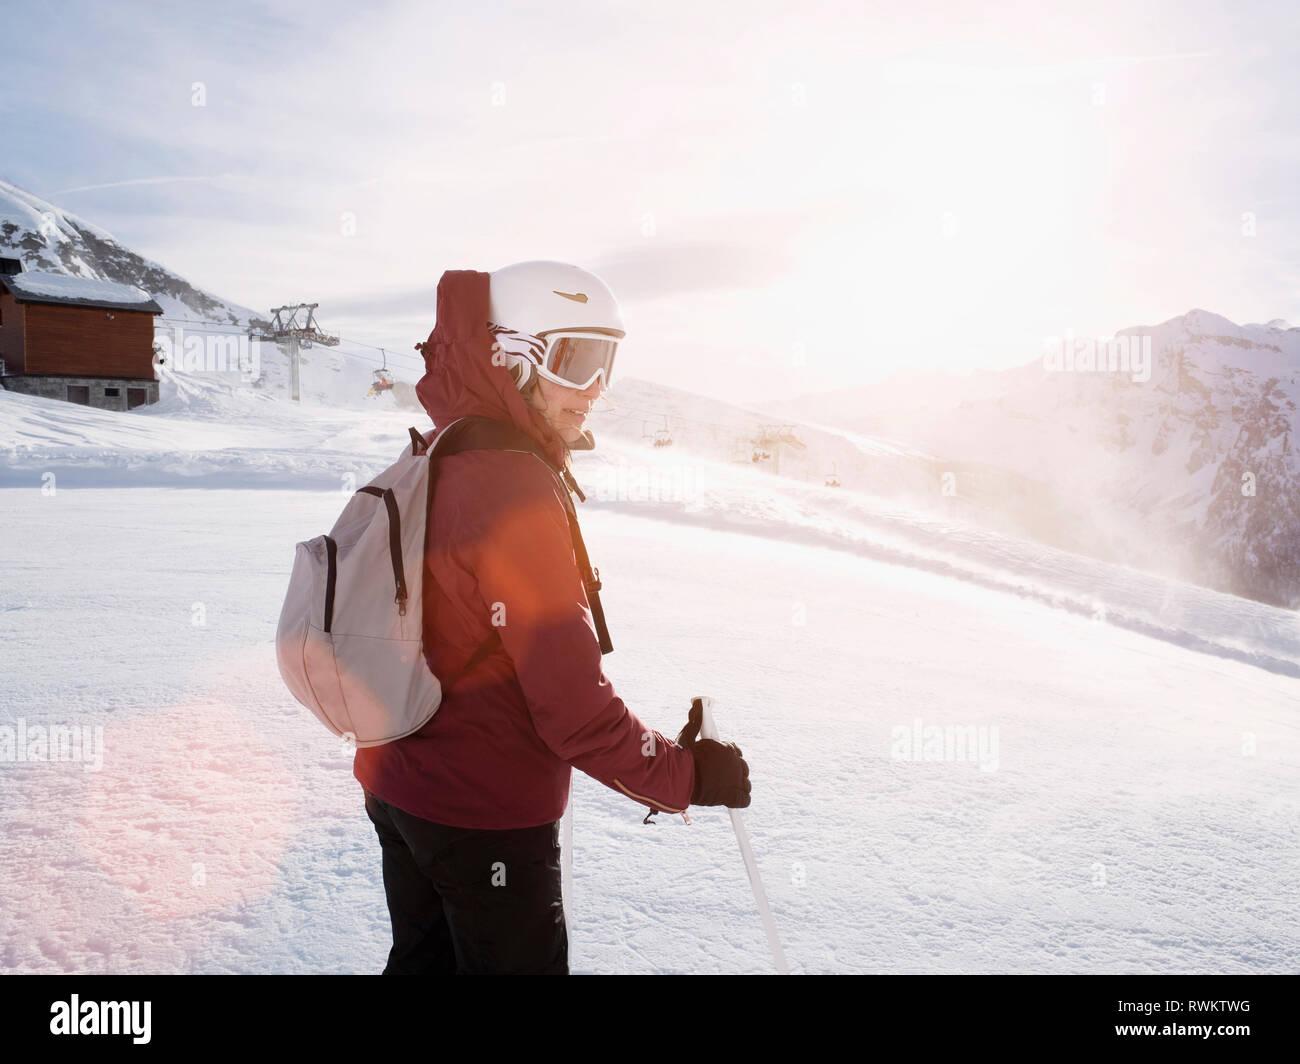 Donna giovane sciatore indossando il casco e occhiali da sci in paesaggi innevati, Alpe Ciamporino, Piemonte, Italia Immagini Stock